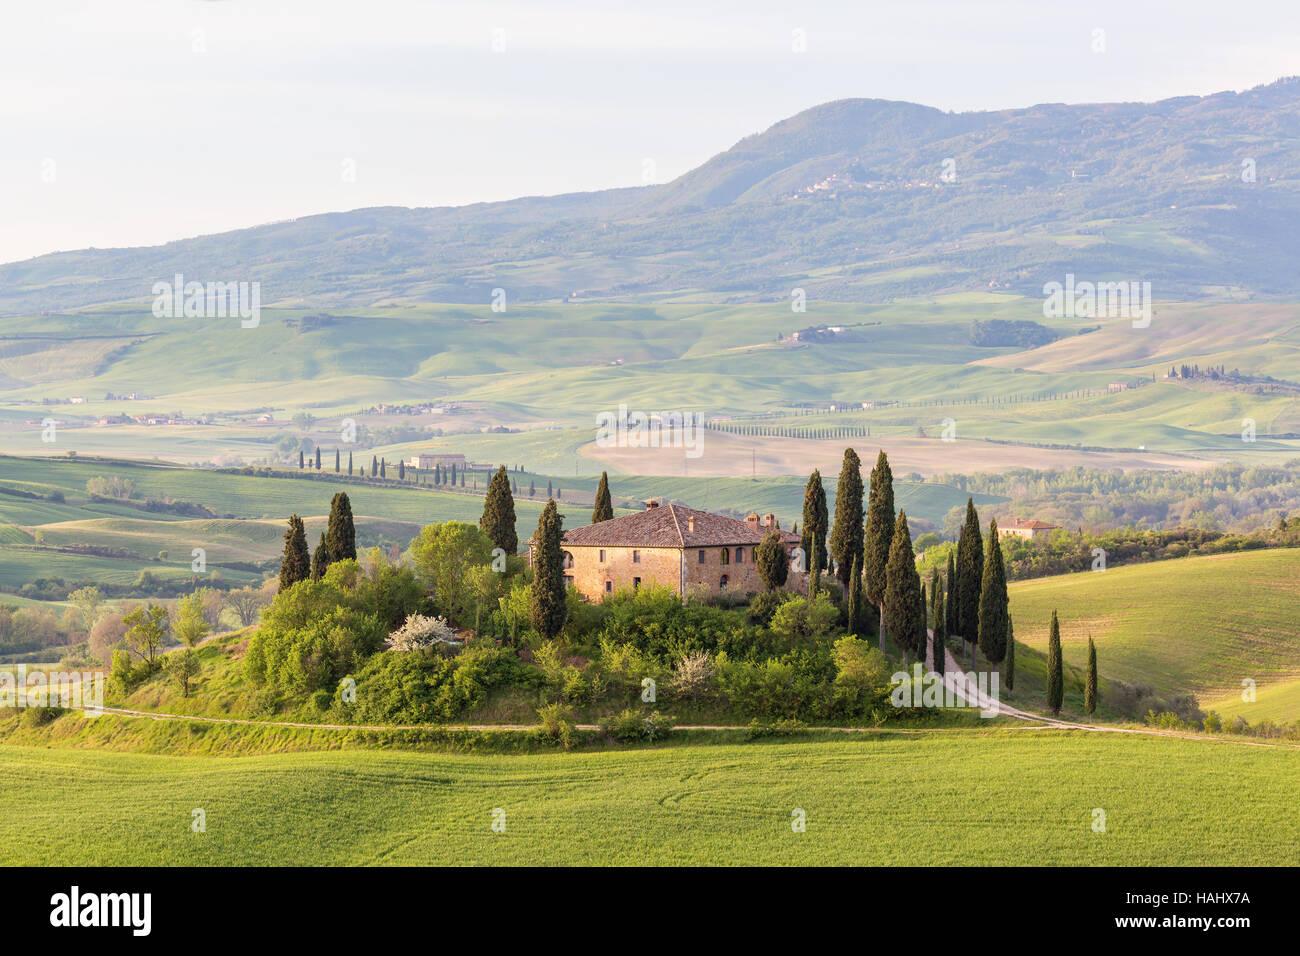 Villa su una collina nel paesaggio rurale della Toscana in